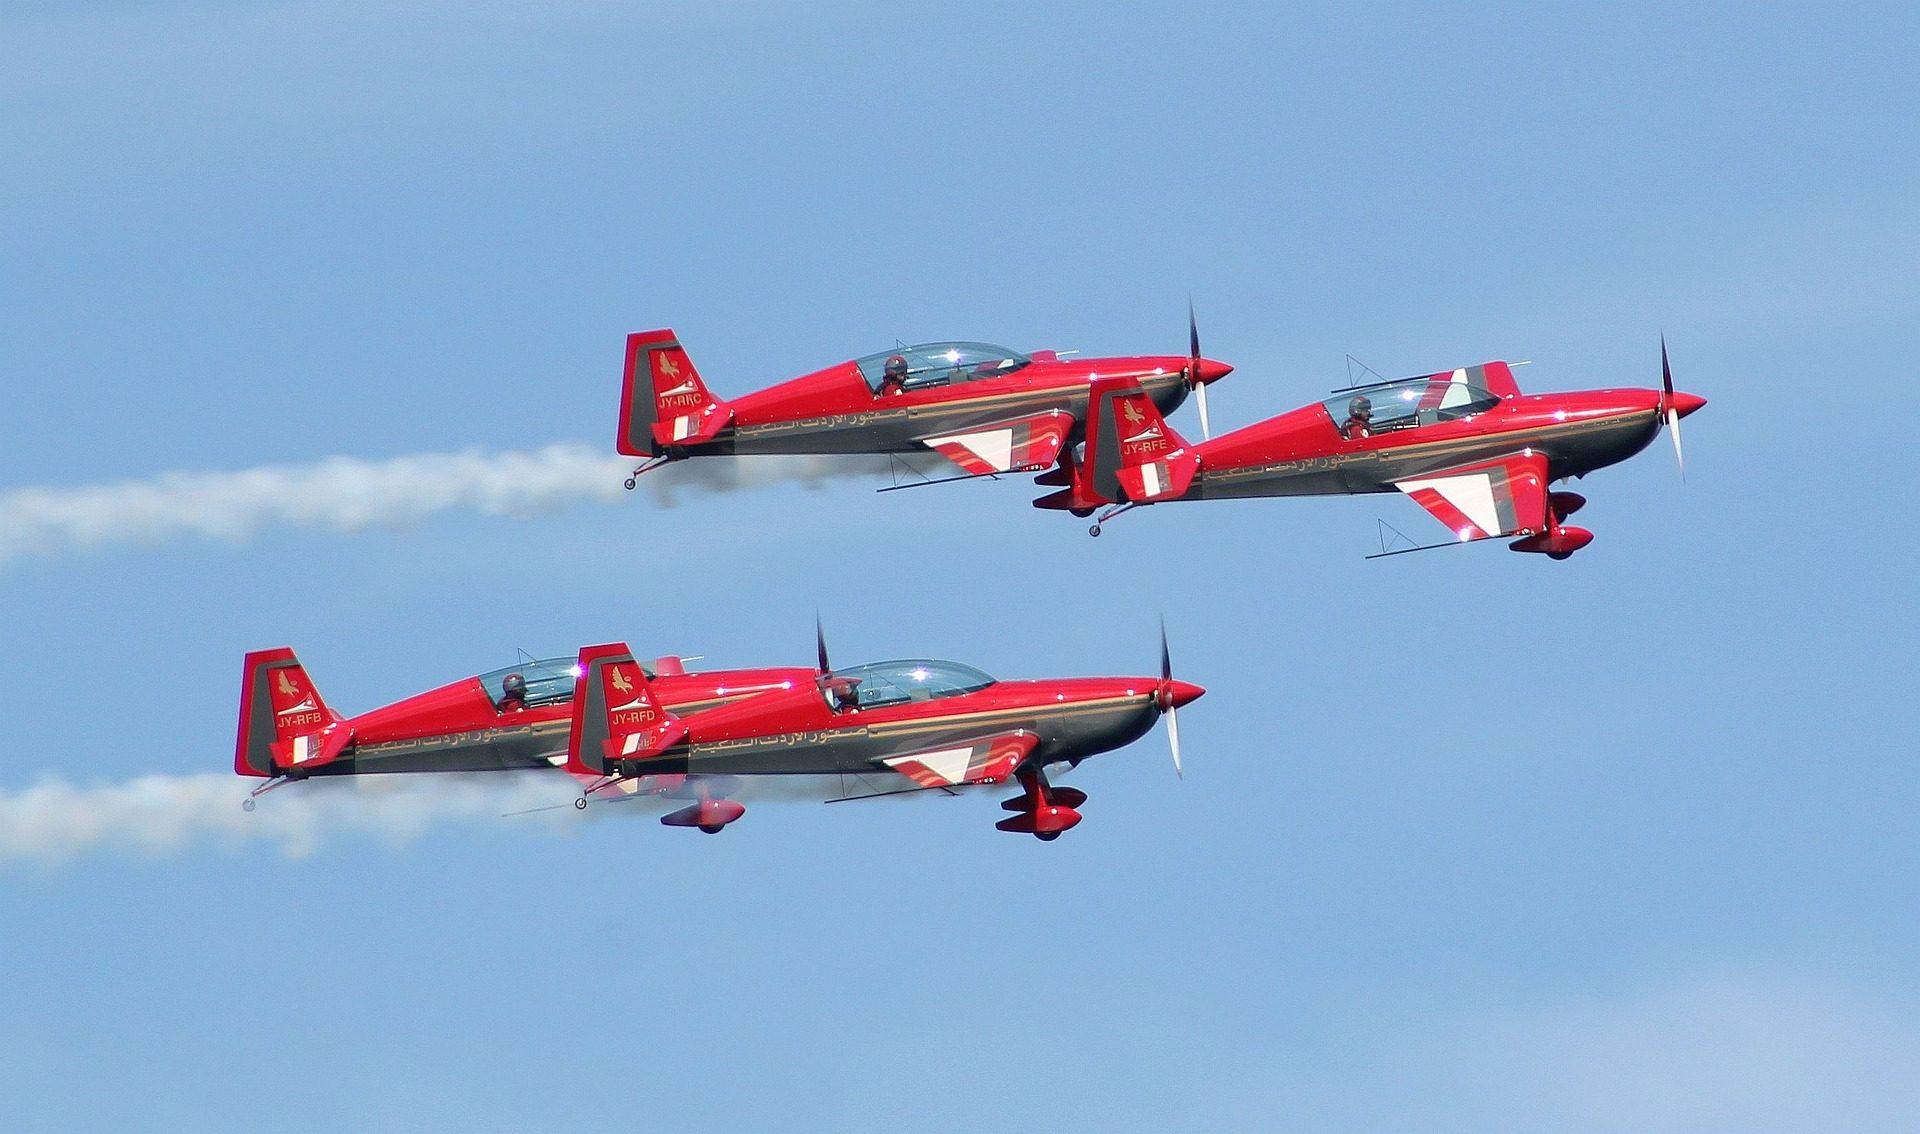 الطائرات, الطائرات الخفيفة, الطائرة, التدريب, يطير - خلفيات عالية الدقة - أستاذ falken.com